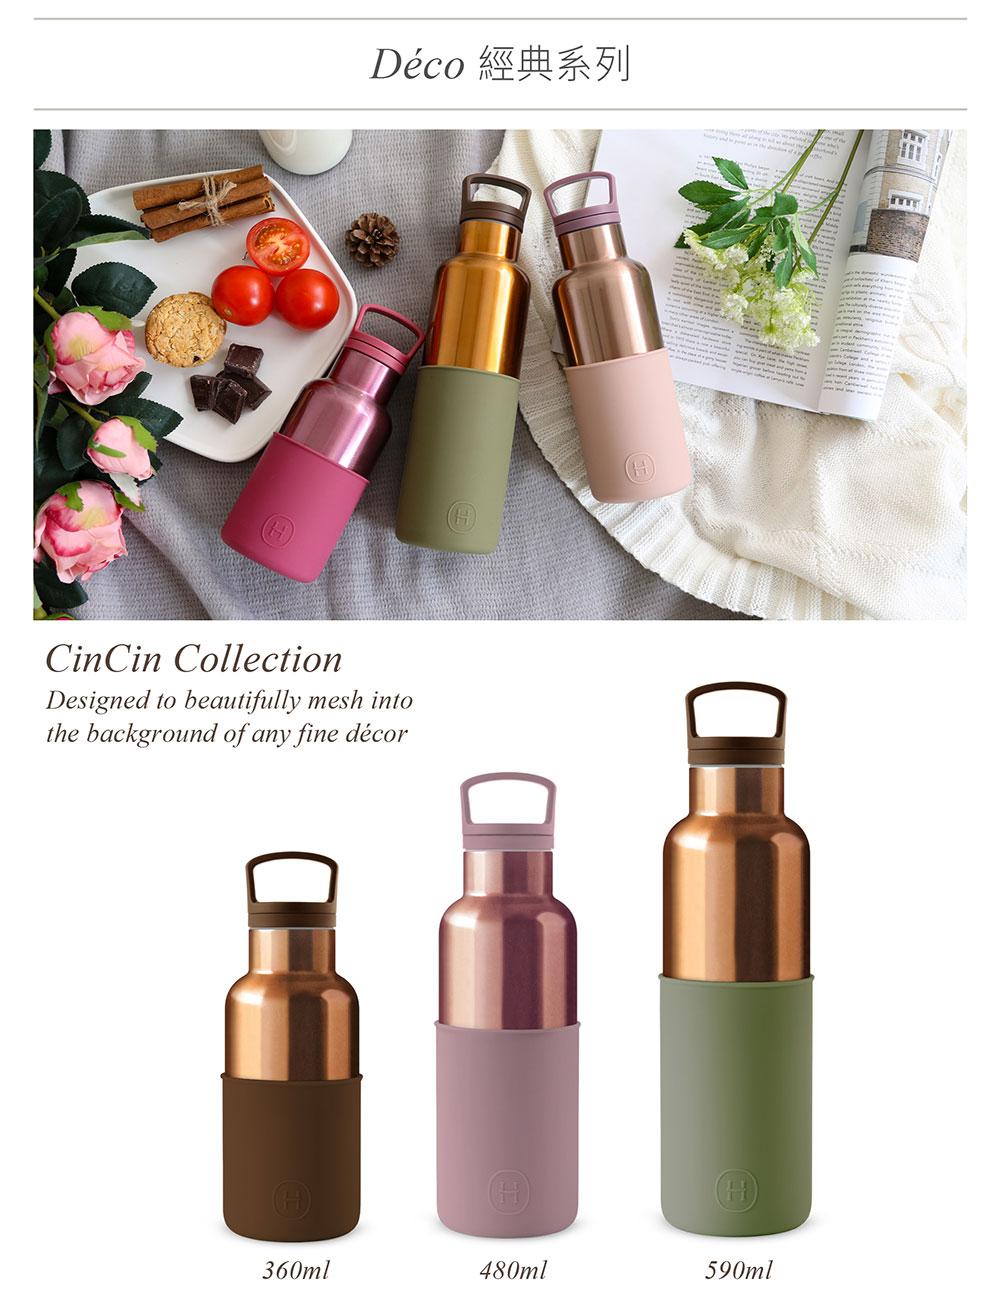 美國 HYDY 時尚不銹鋼保溫水瓶 360ml 古銅金瓶 (摩卡)